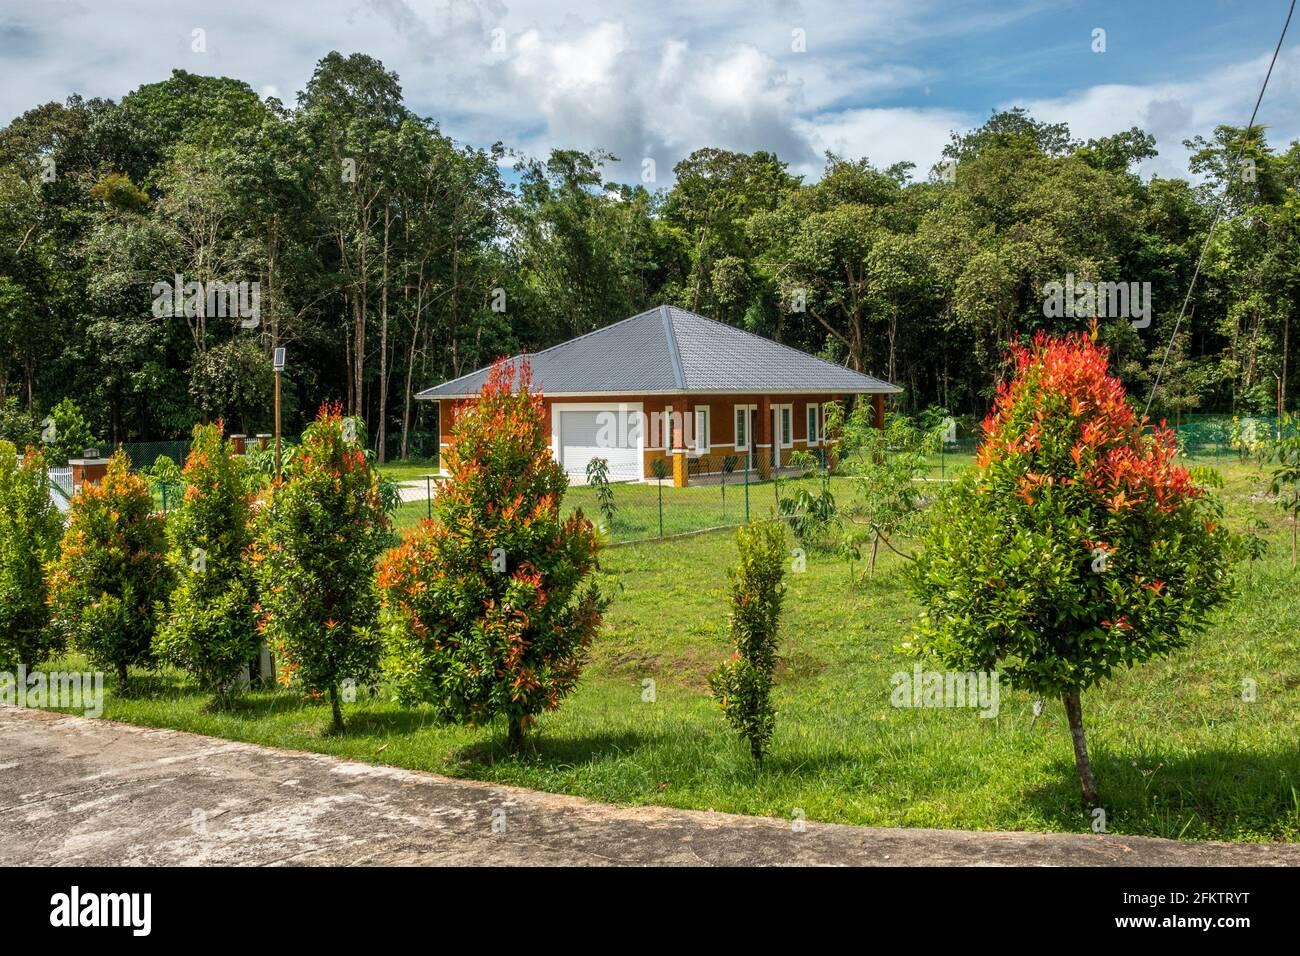 Bungalow à Kampung SIngai, Bau, Sarawak, Malaisie orientale Banque D'Images